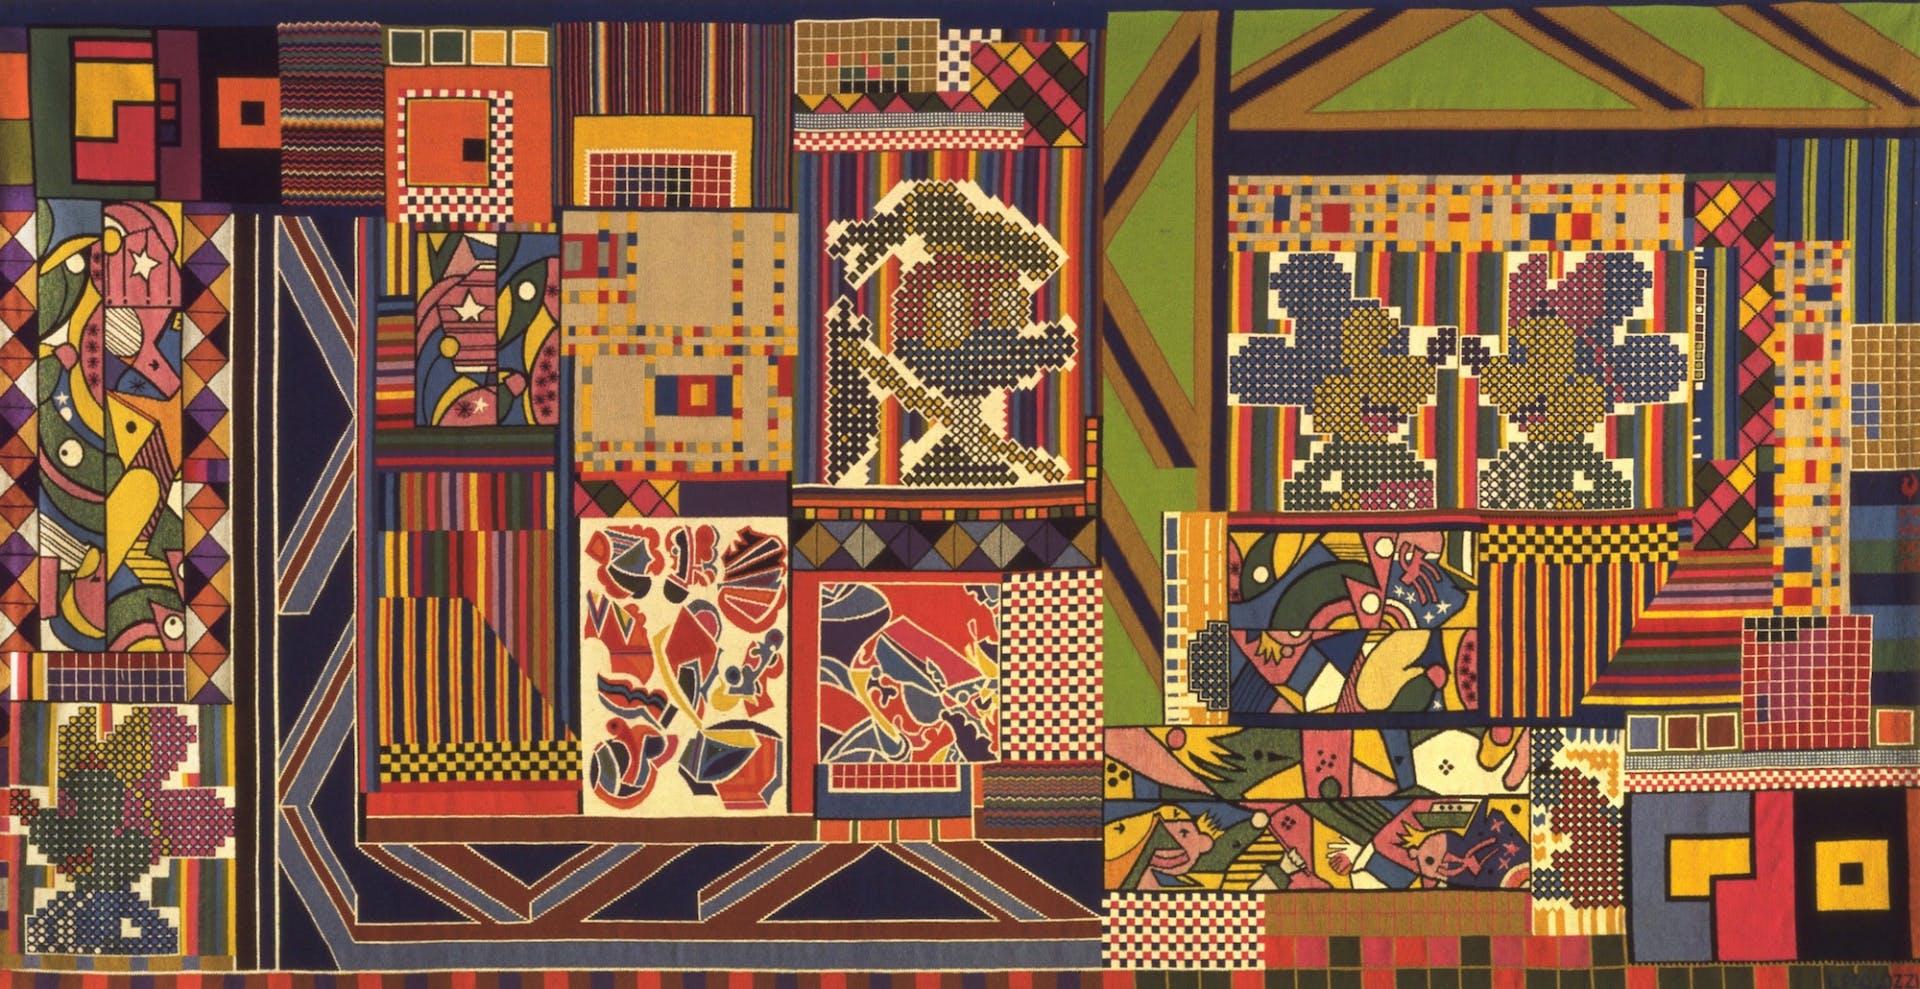 Eduardo Paolozzi Whitechapel Gallery Whitworth Tapestry